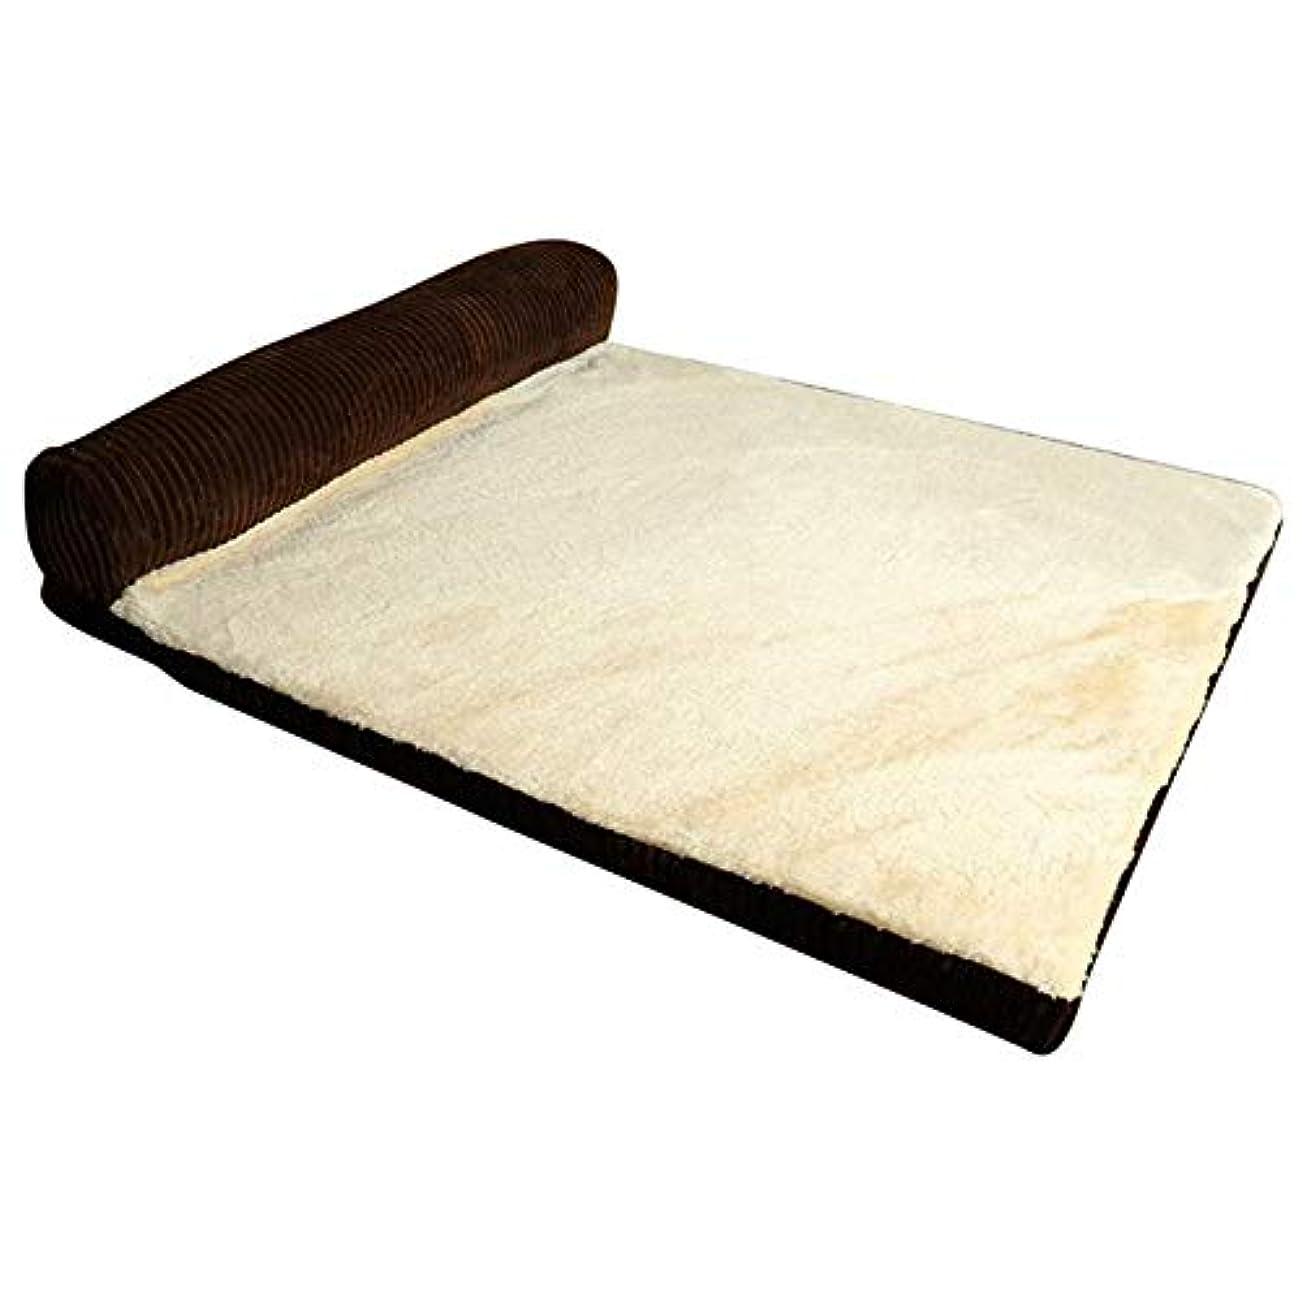 チューリップ咲く等犬 ベッド HCGS 猫 ベッド 子犬中型大型犬のためのl字形の正方形の枕機械の洗濯可能なカバーおよび取り外し可能なマットの猫の家 90X75X17cm ブラウン-1サイド